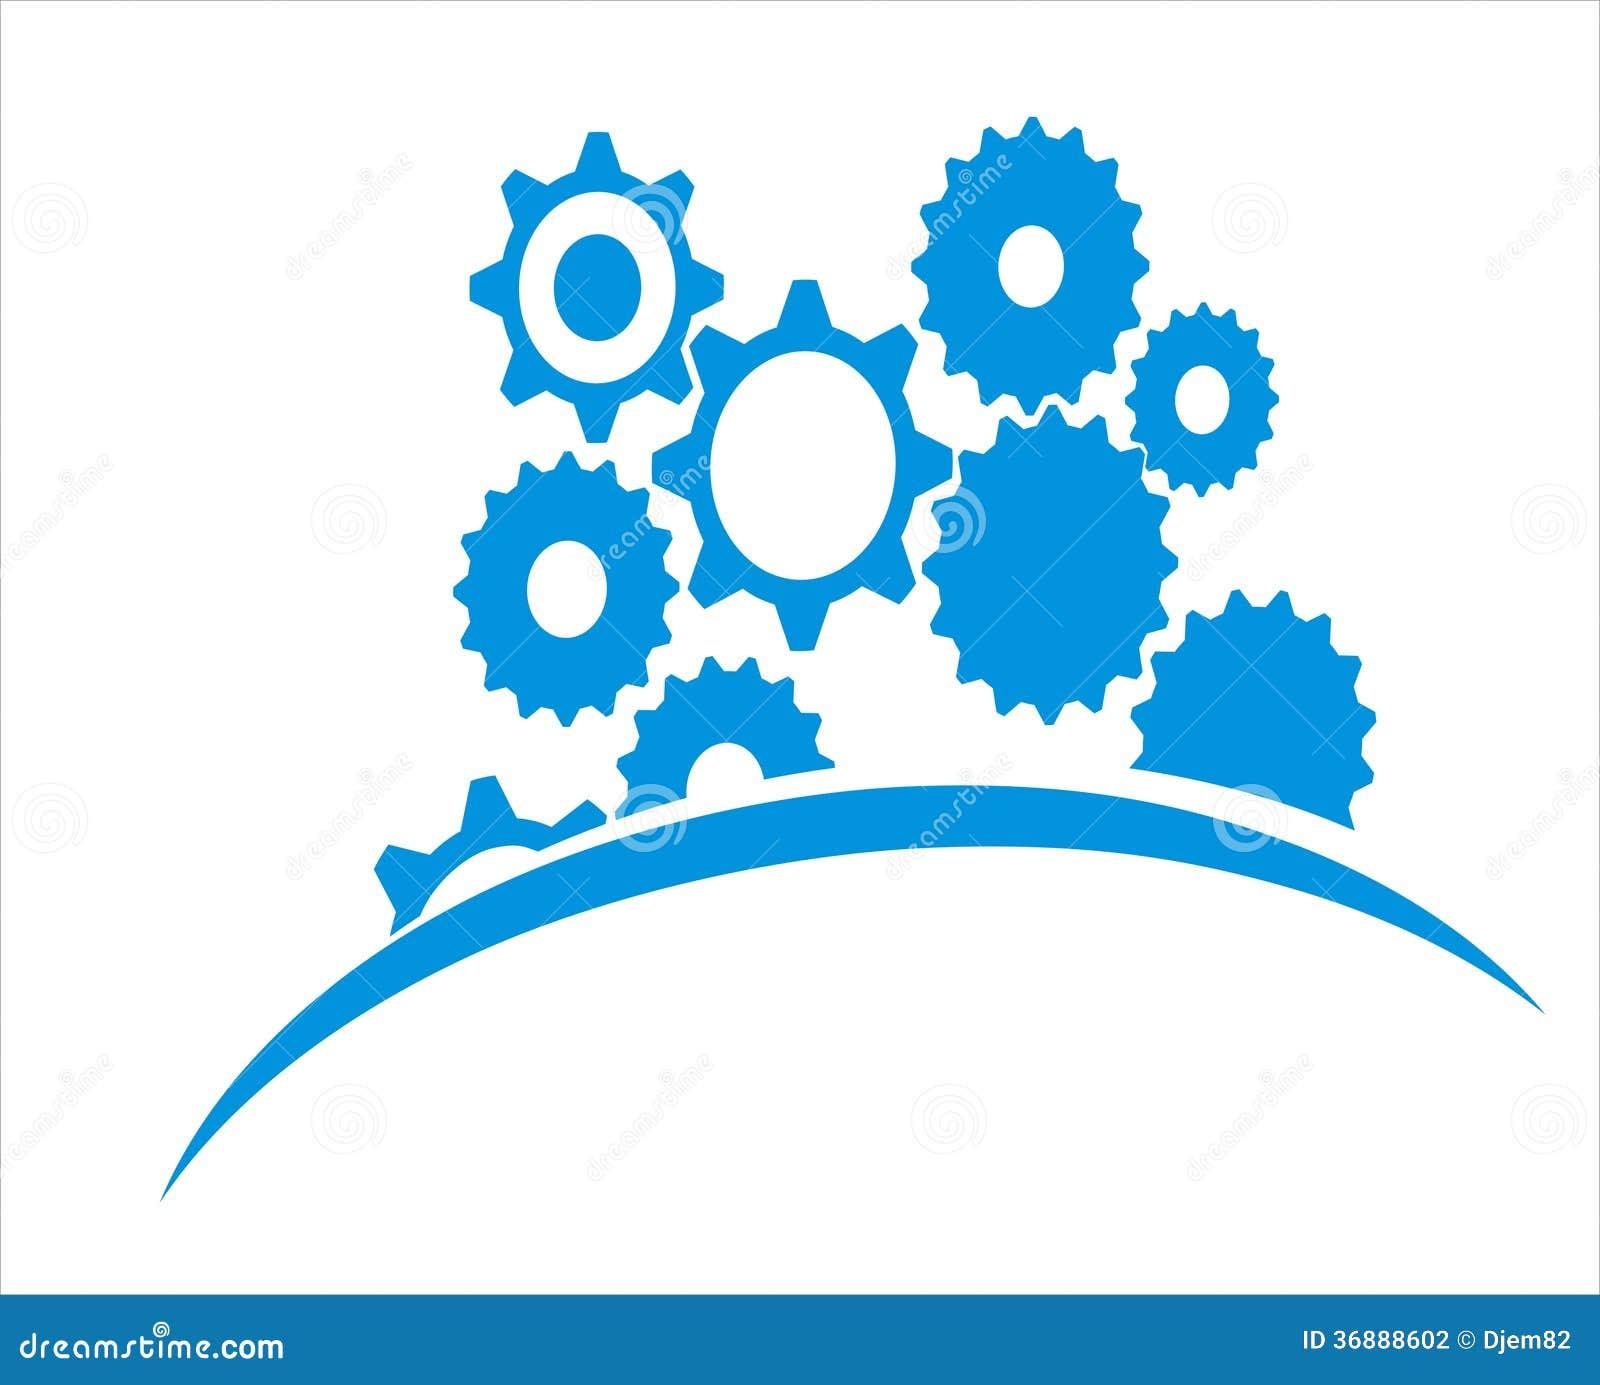 Download Fondo meccanico illustrazione vettoriale. Illustrazione di decorativo - 36888602